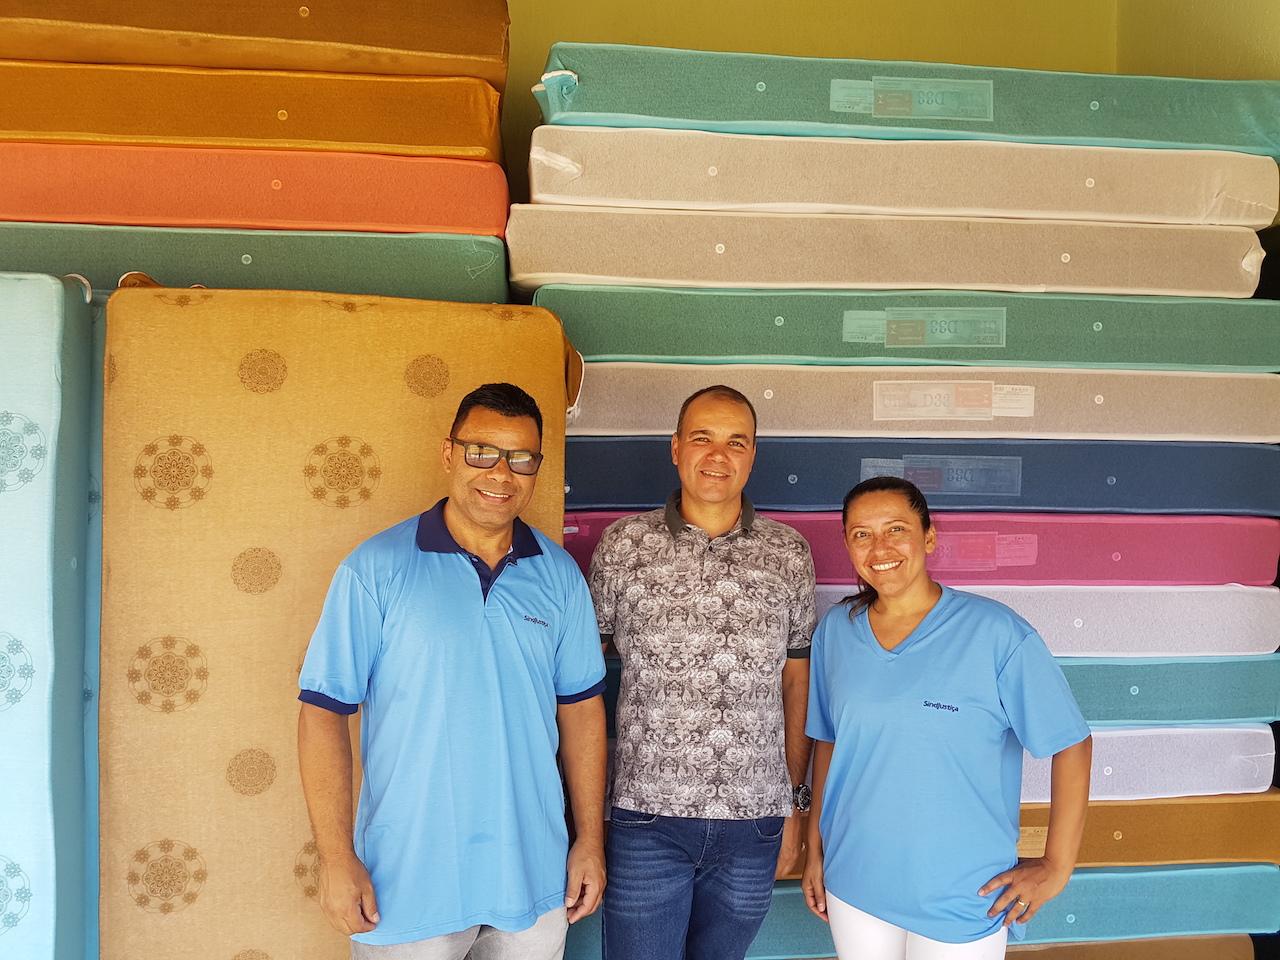 Vice-presidente Kerner Gondim acompanhou a instalação do novo mobiliário